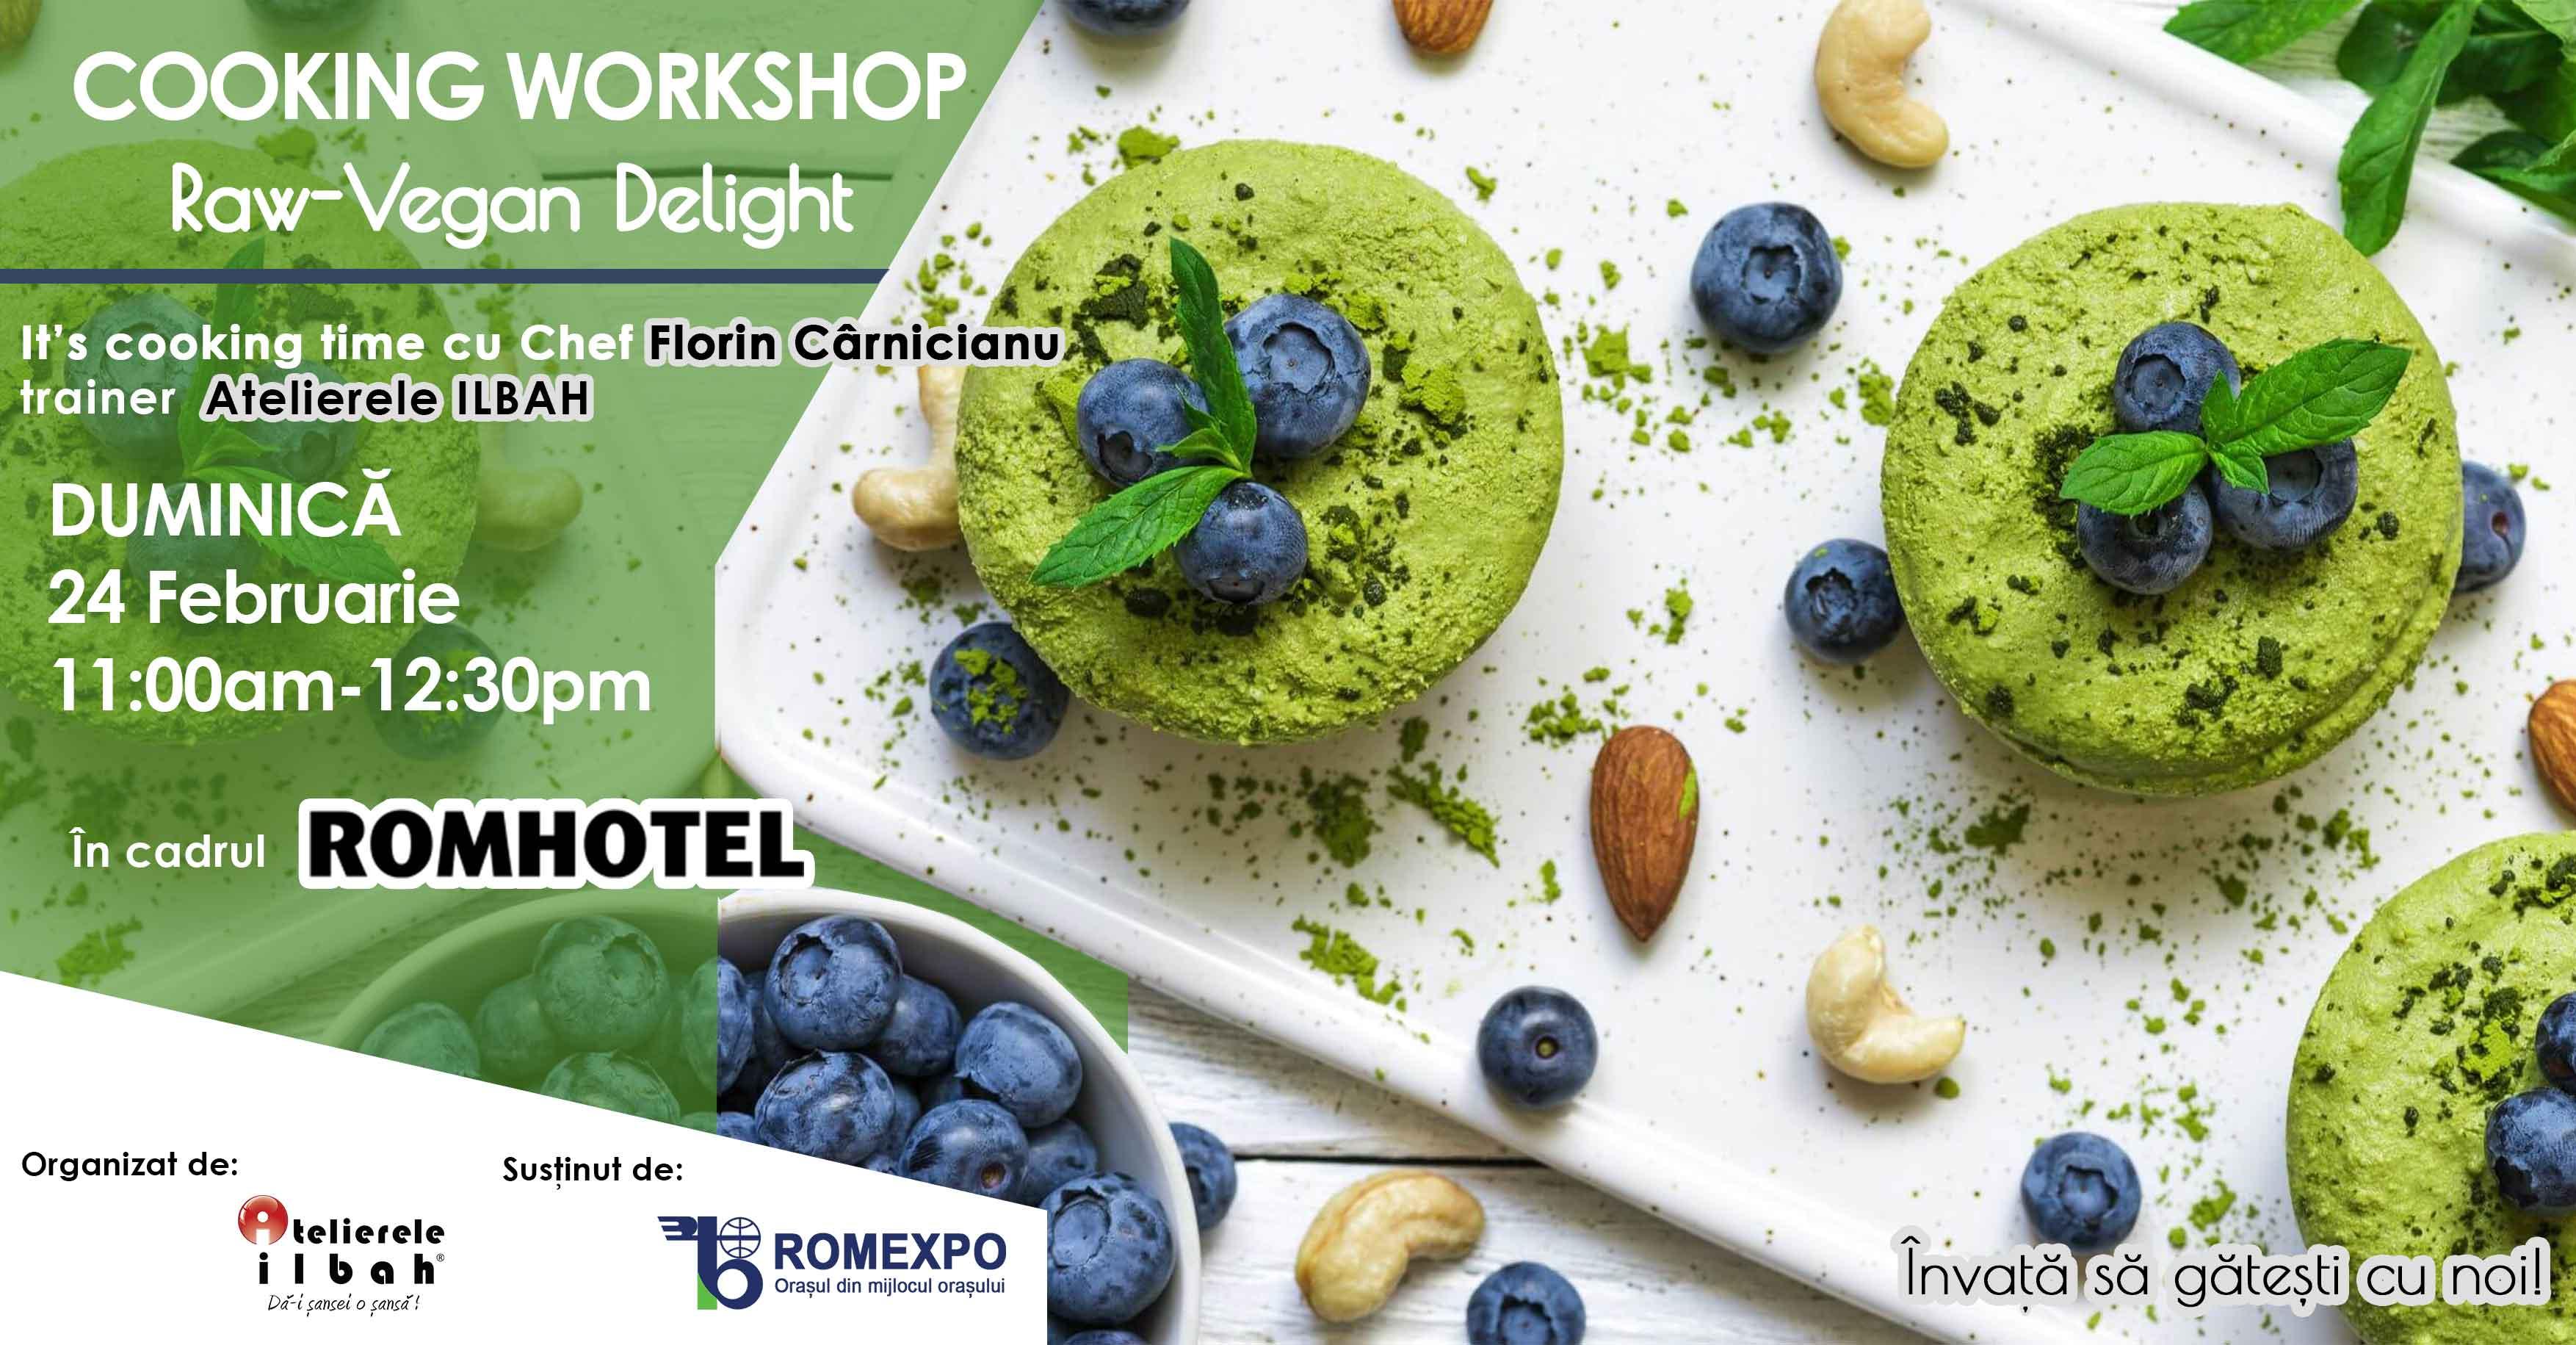 nu-rata-workshopurile-de-cooking-organizate-de-atelierele-ilbah-in-cadrul-romhotel-2019-8